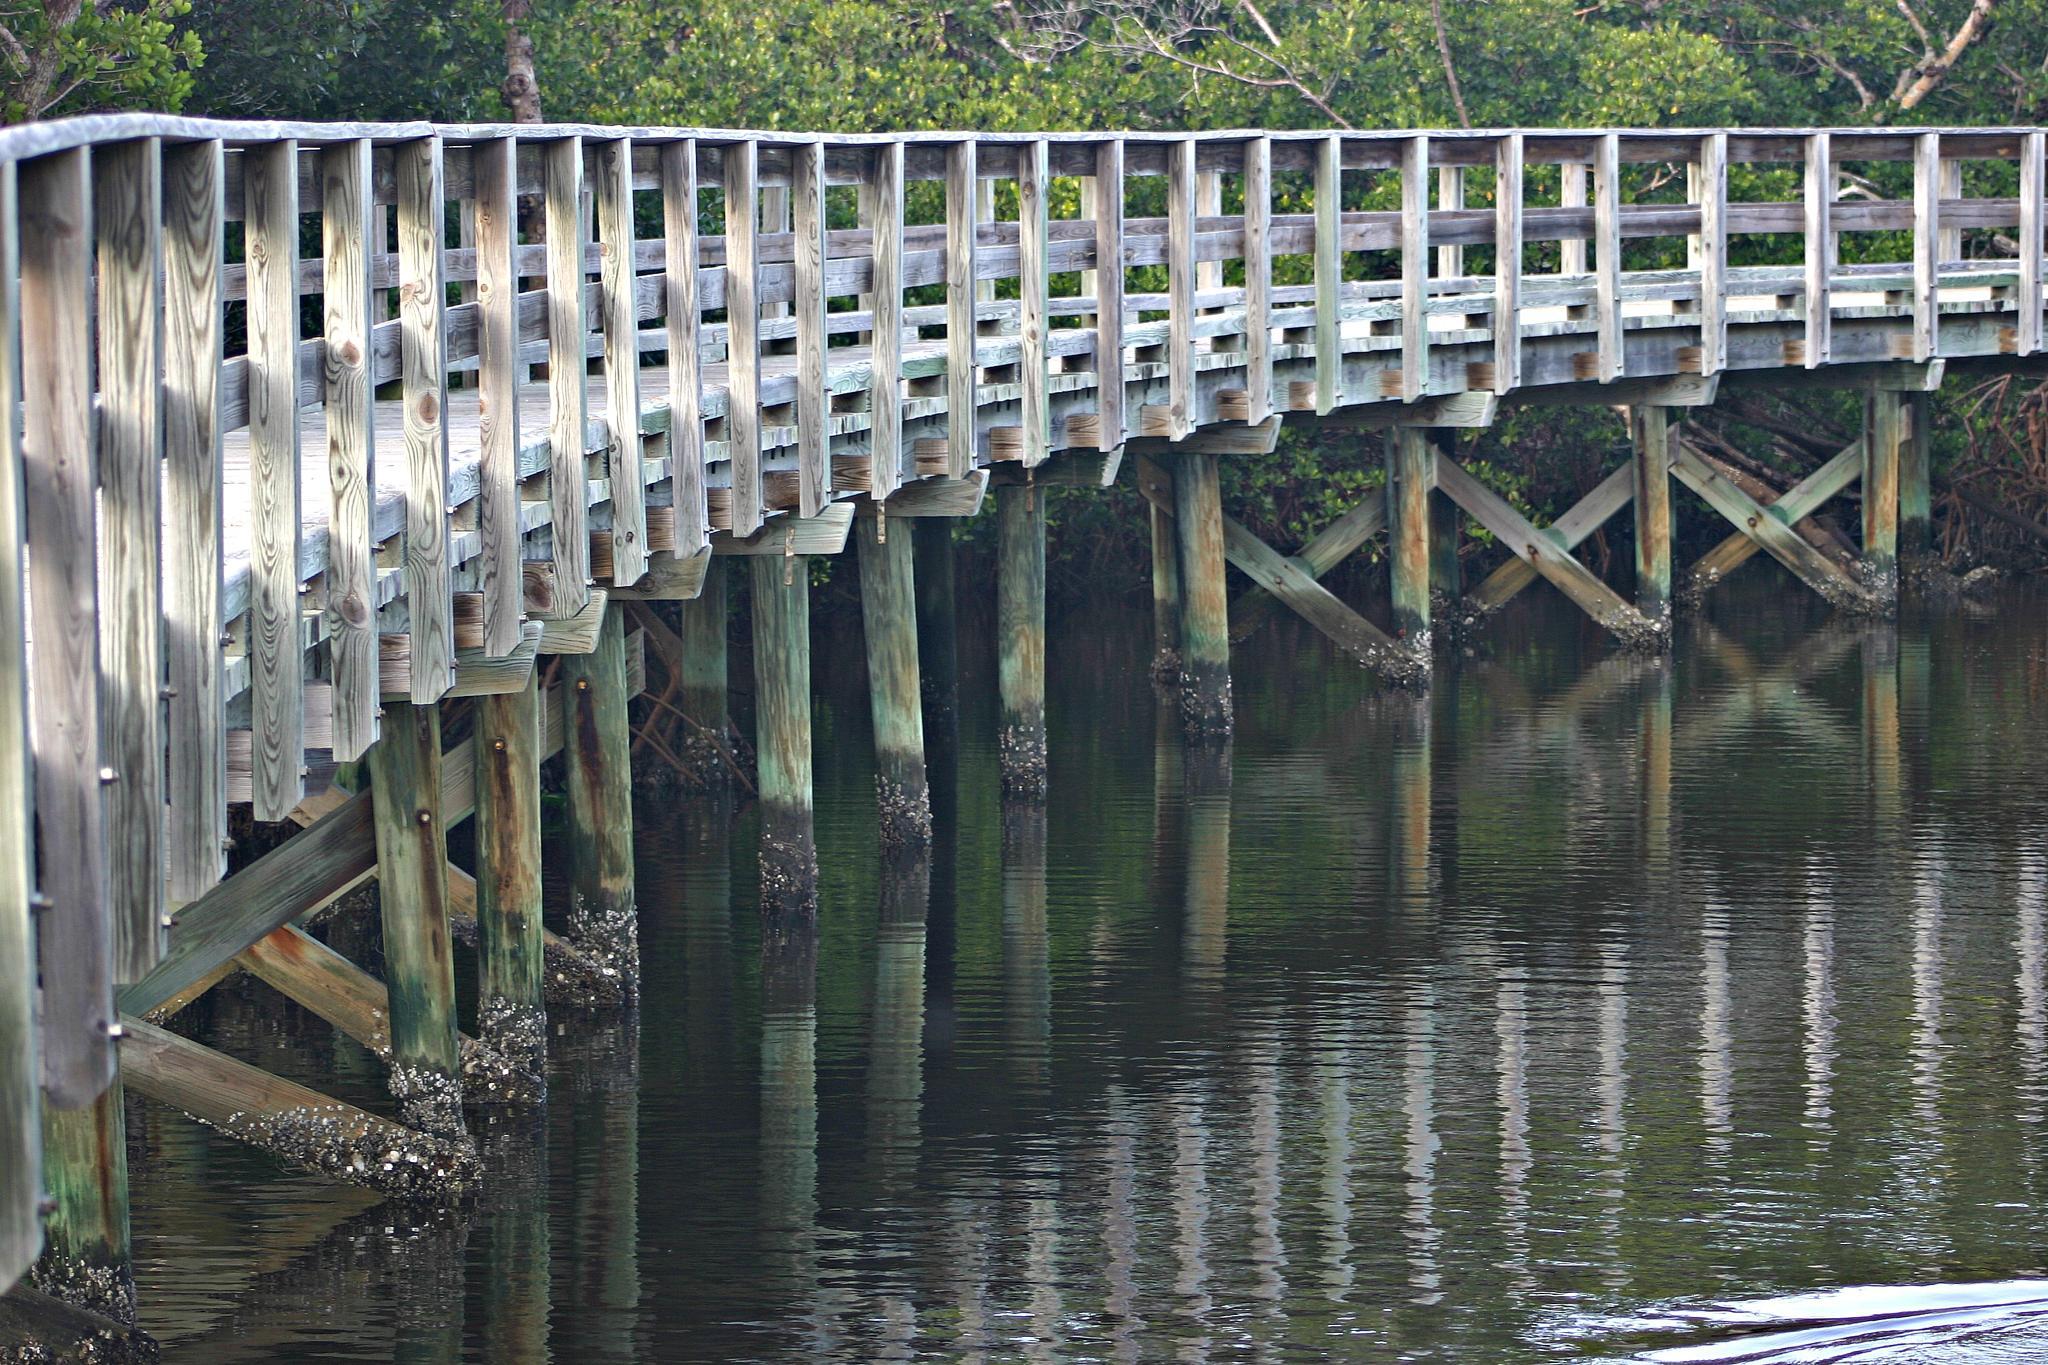 WALK BRIDGE 3 by bechcomber444